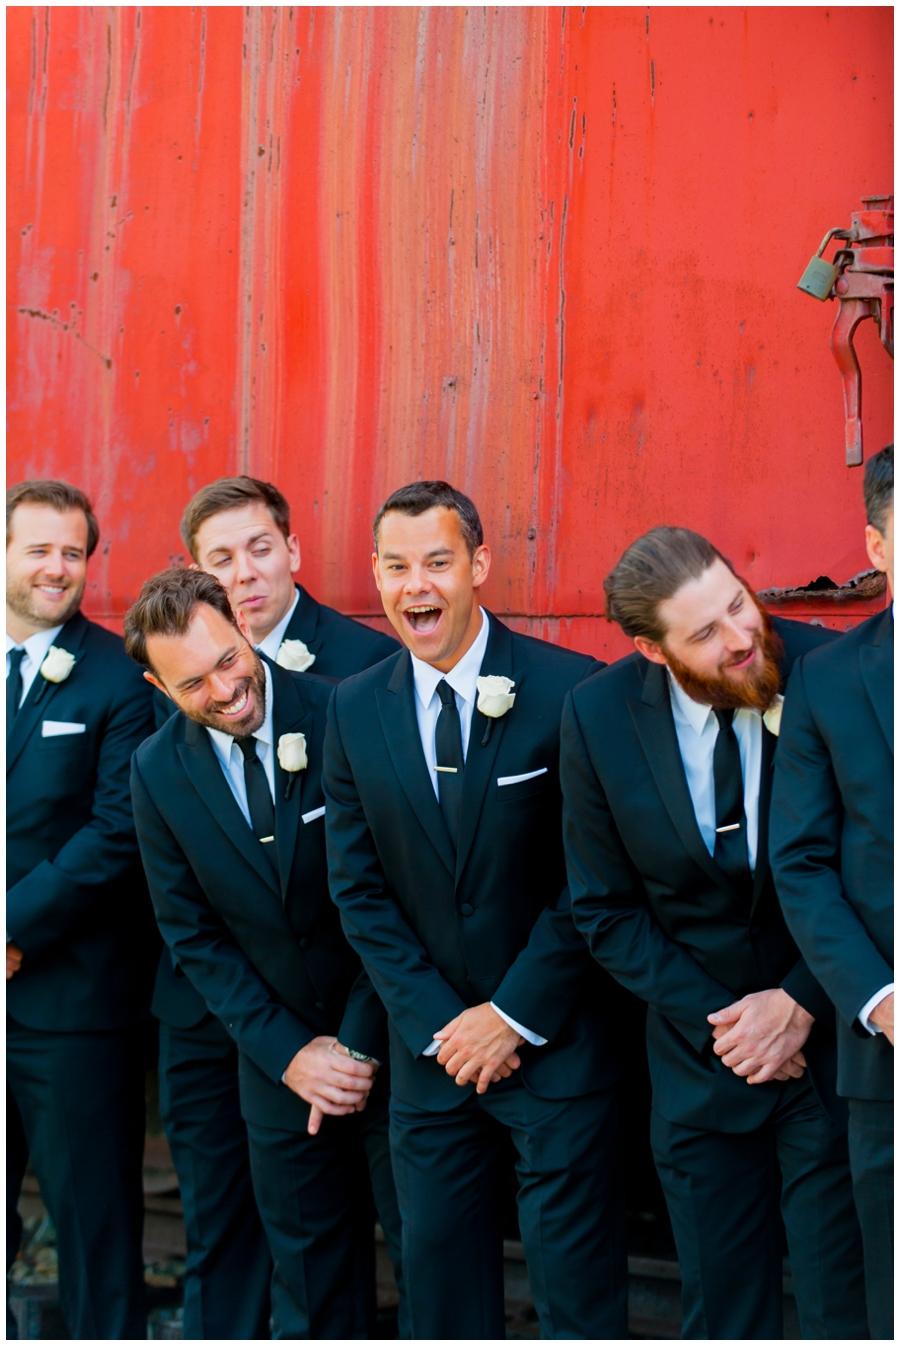 Ariane Moshayedi Photography - Wedding Photographer Orange County Newport Beach_0225.jpg